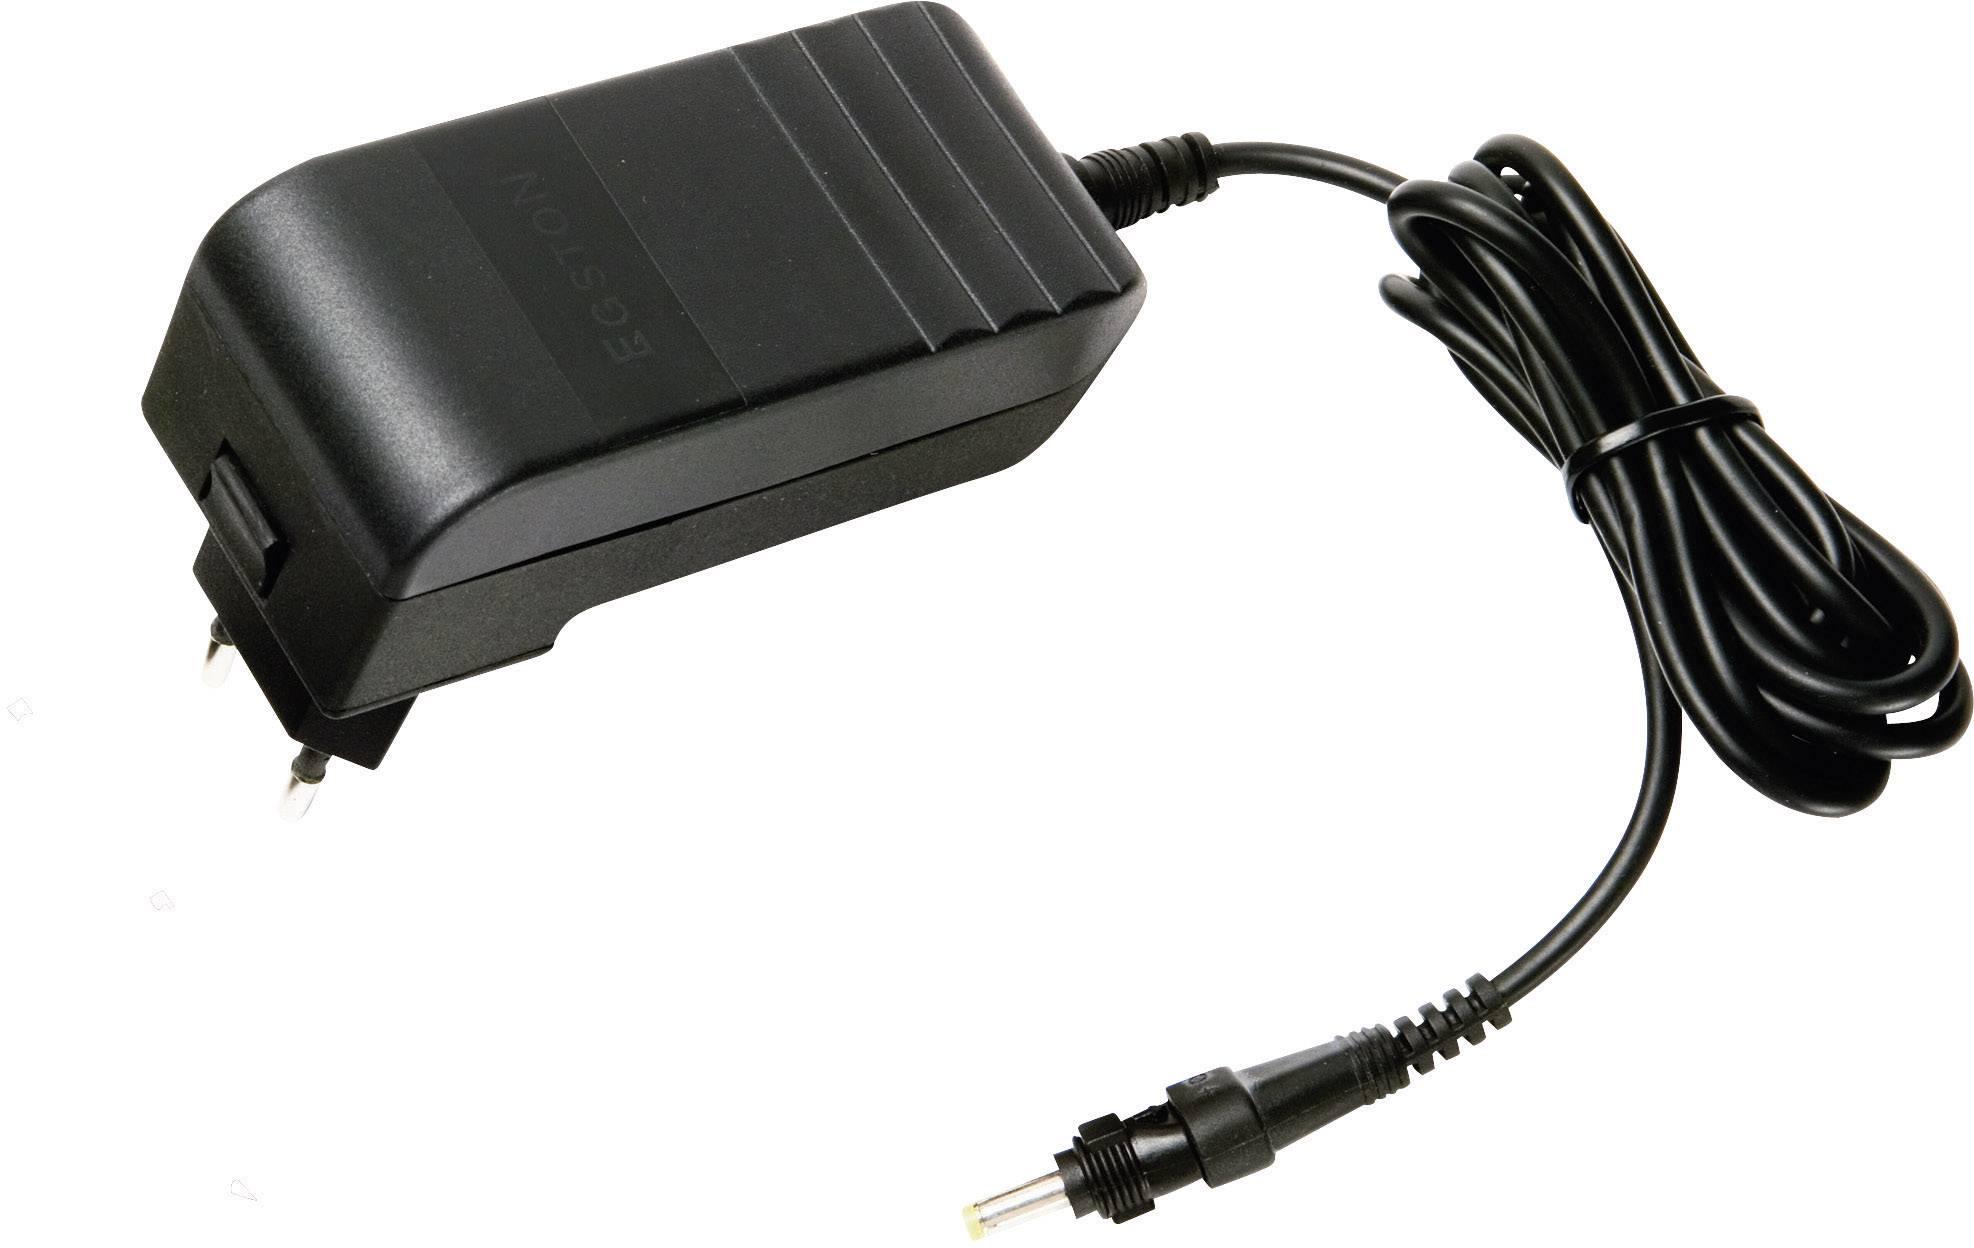 Zásuvkový adaptér so stálym napätím Egston 003920144, 30 W, 1.25 A